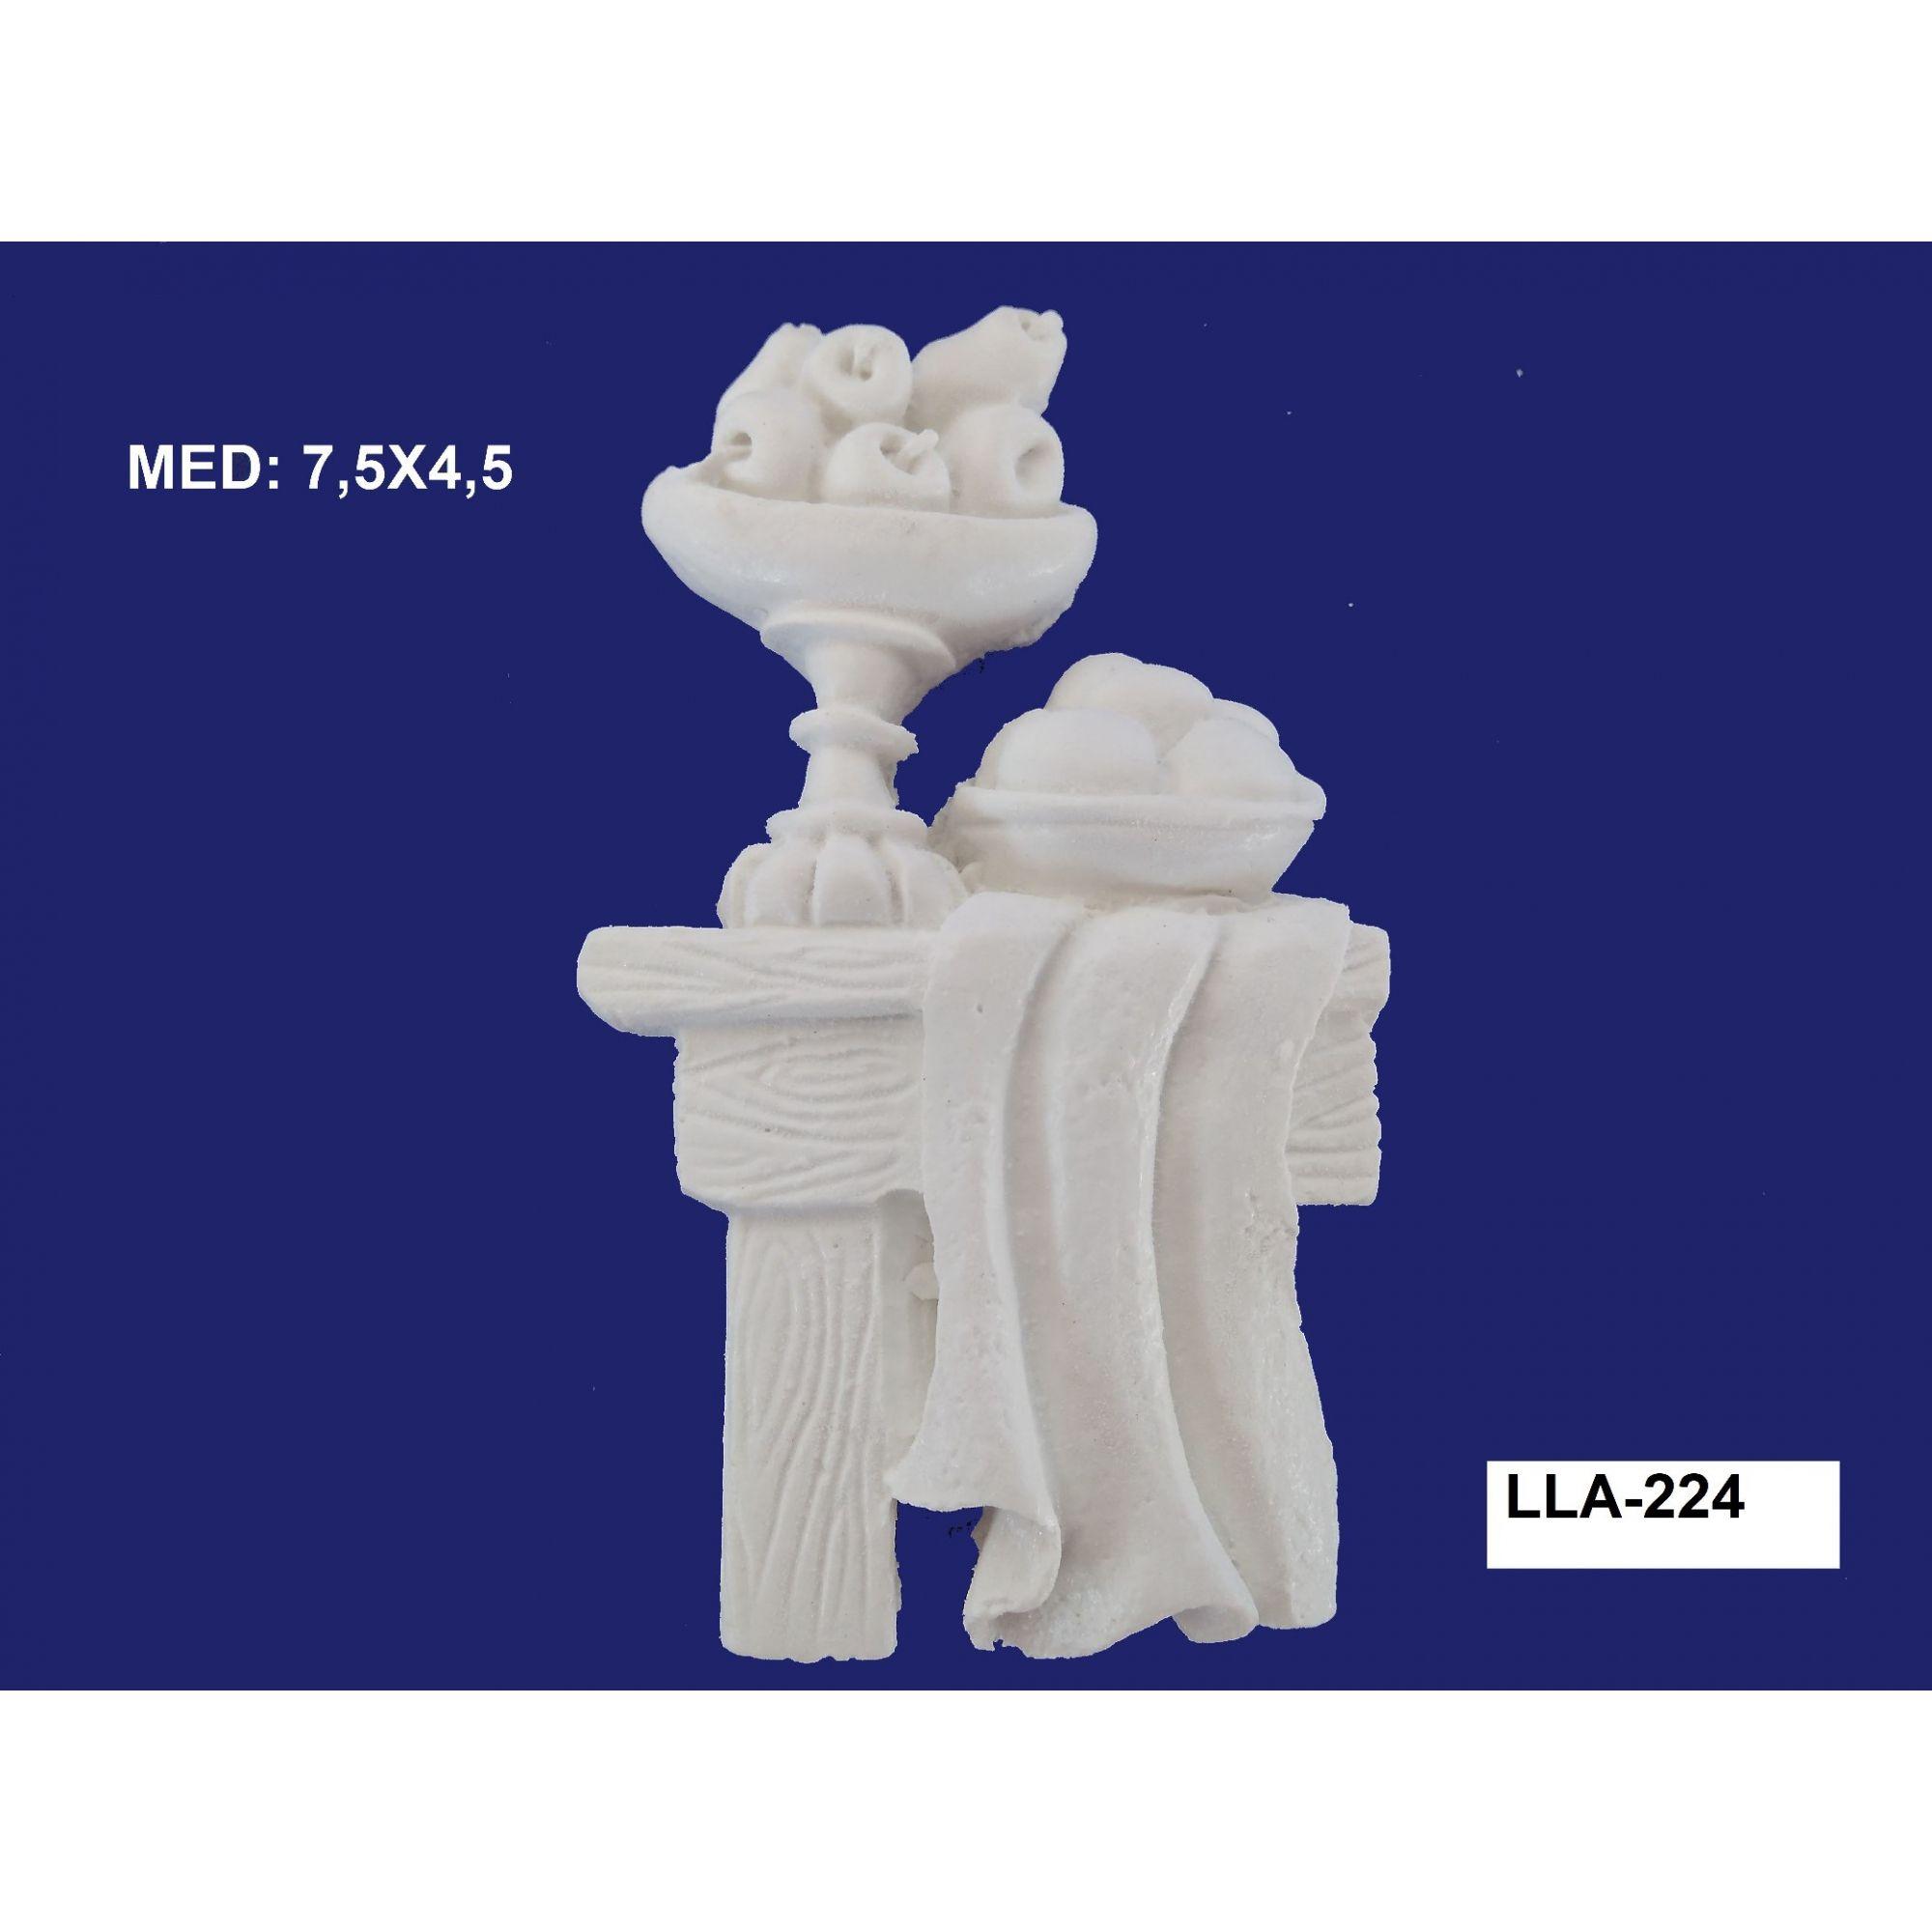 LLA-224 APLIQUE MESA C/ FRUTAS 7,5X4,5CM